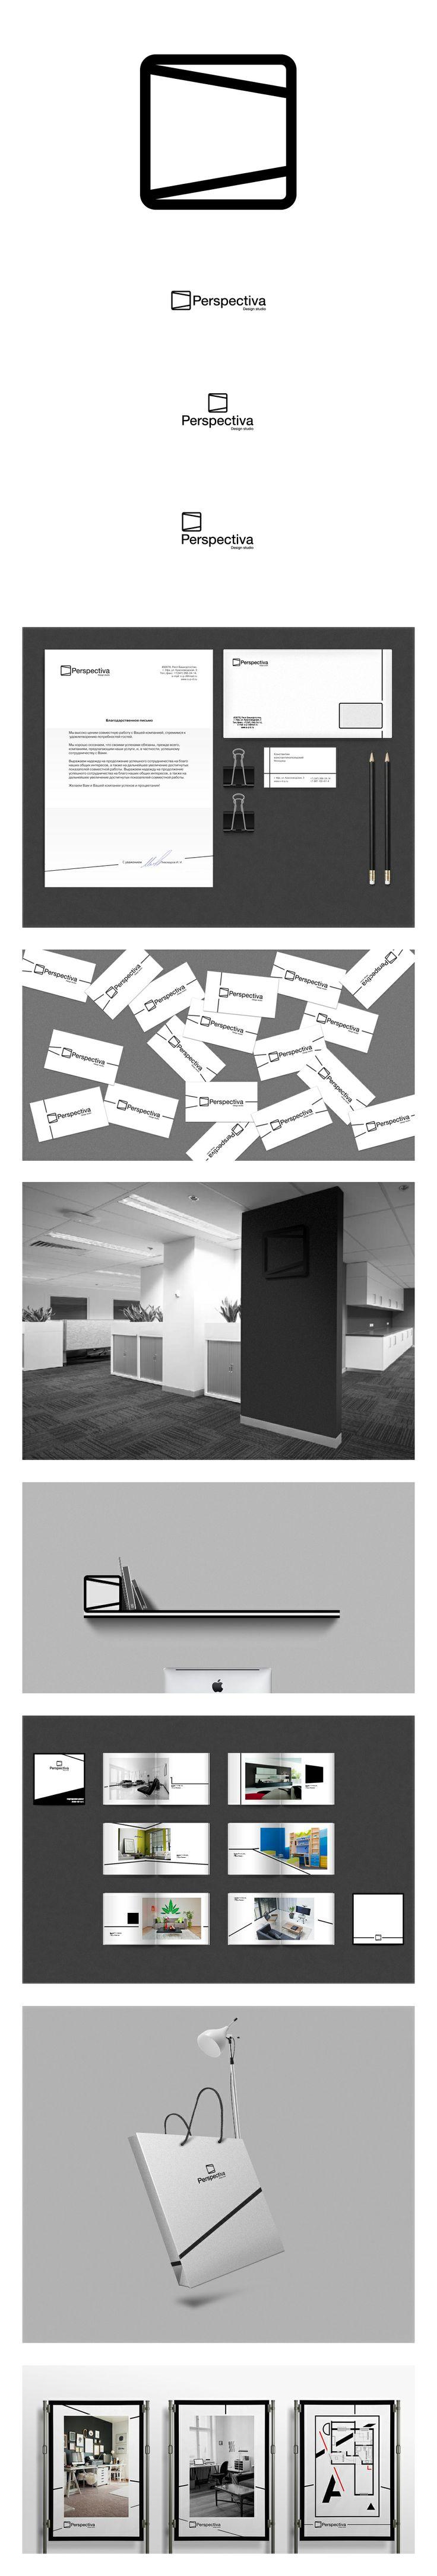 Perspectiva — design studio